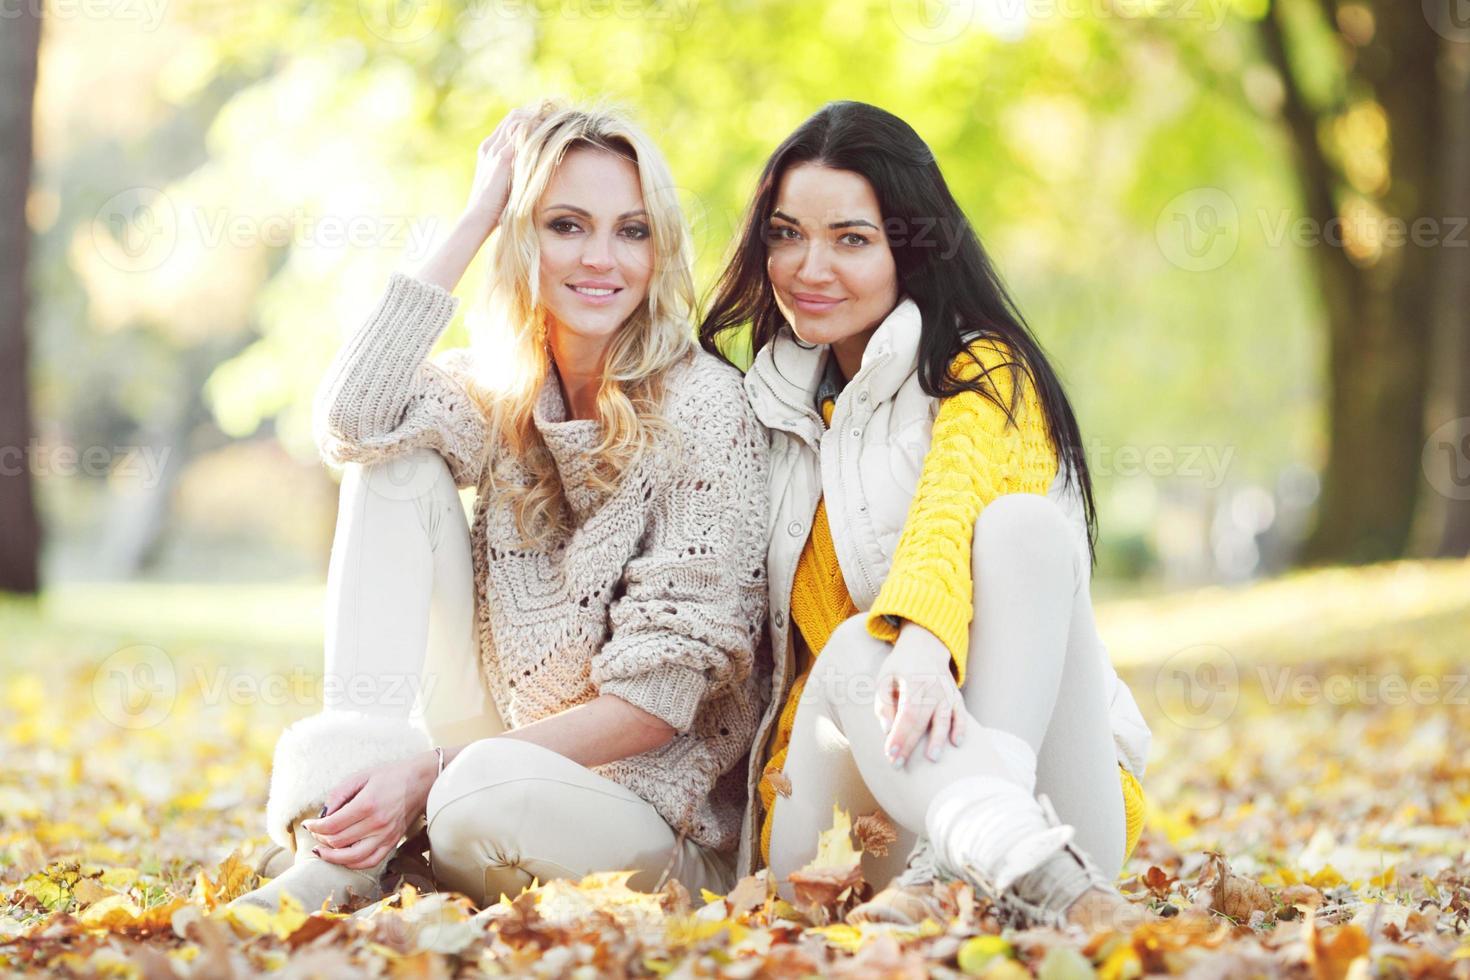 amis dans le parc automne photo